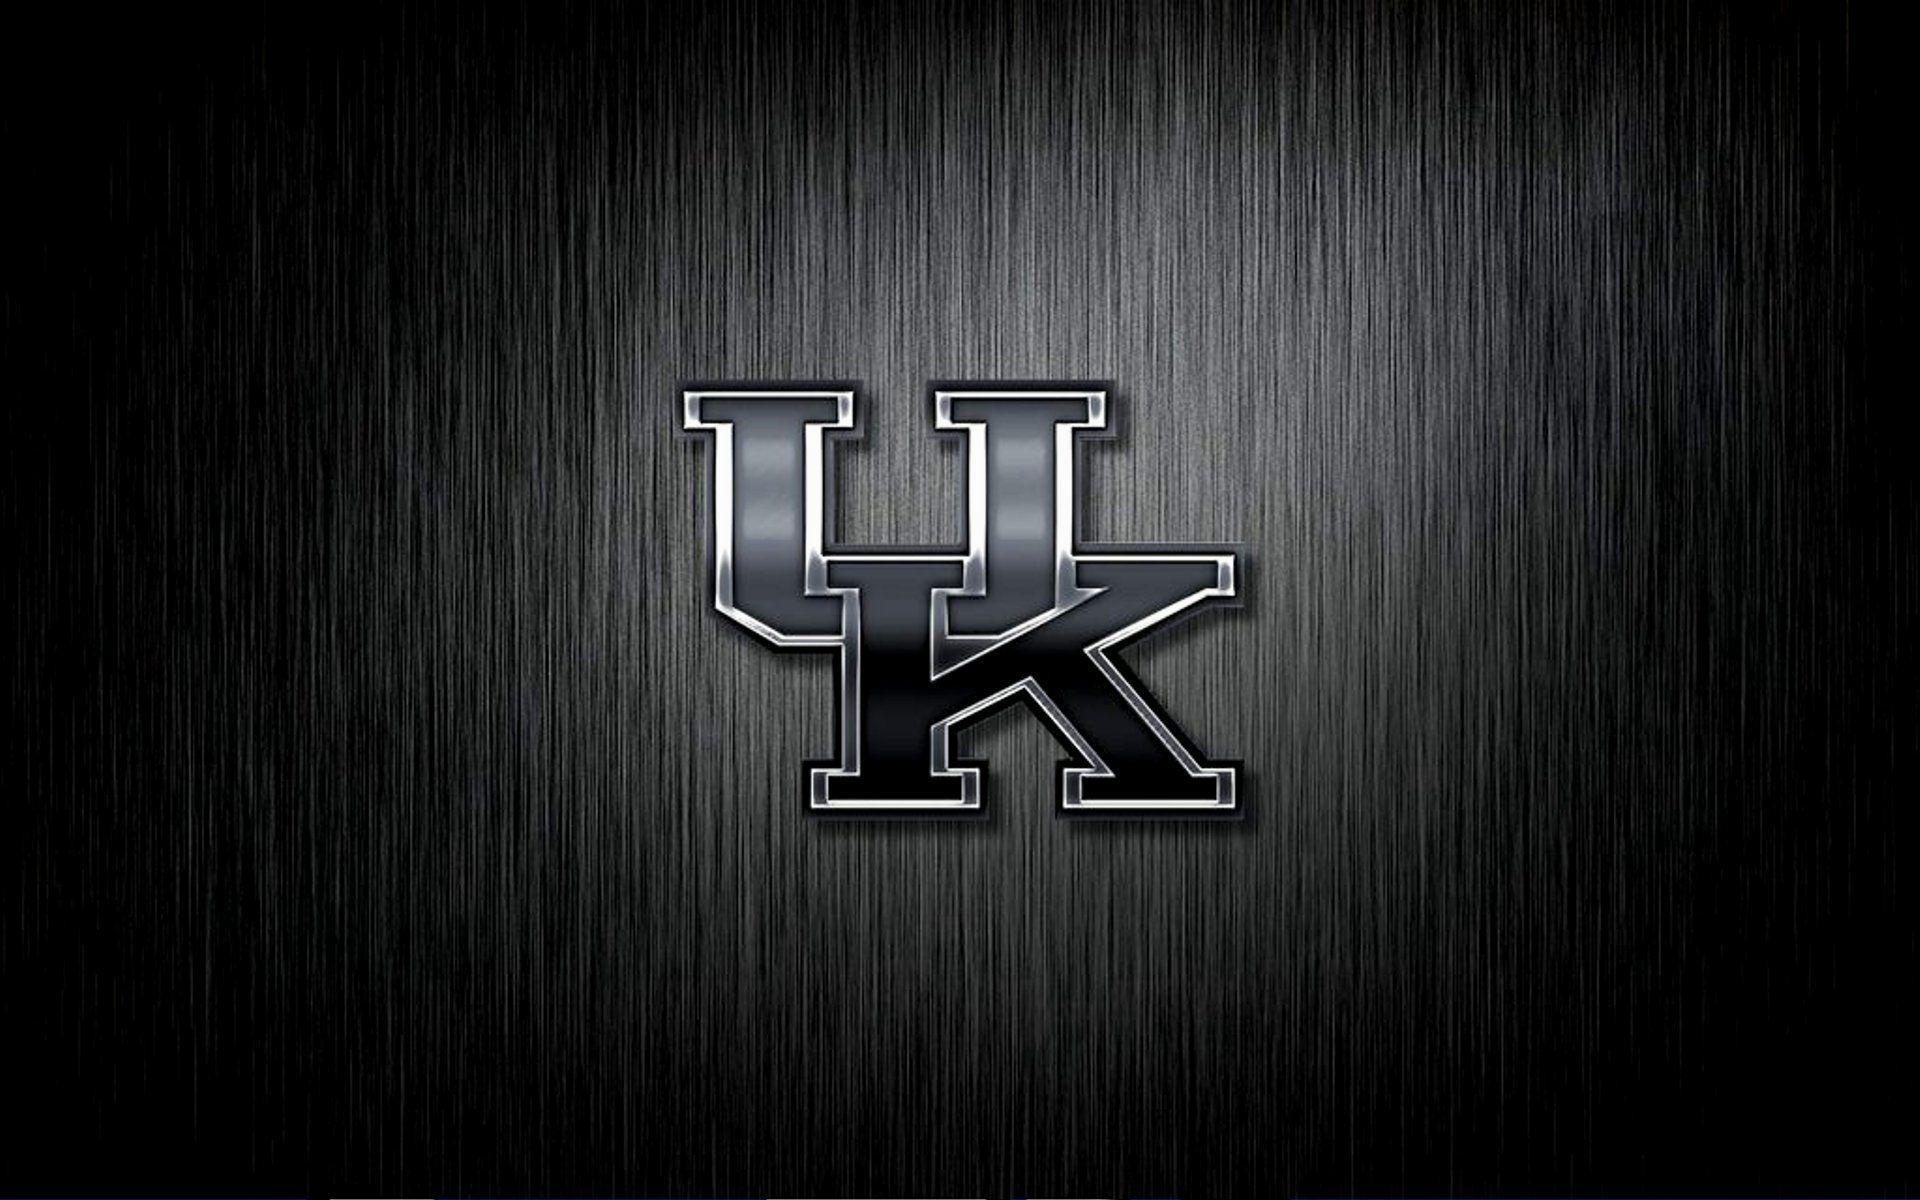 wallpaper.wiki-Kentucky-Wildcats-Wallpaper-HD-PIC-WPD002116